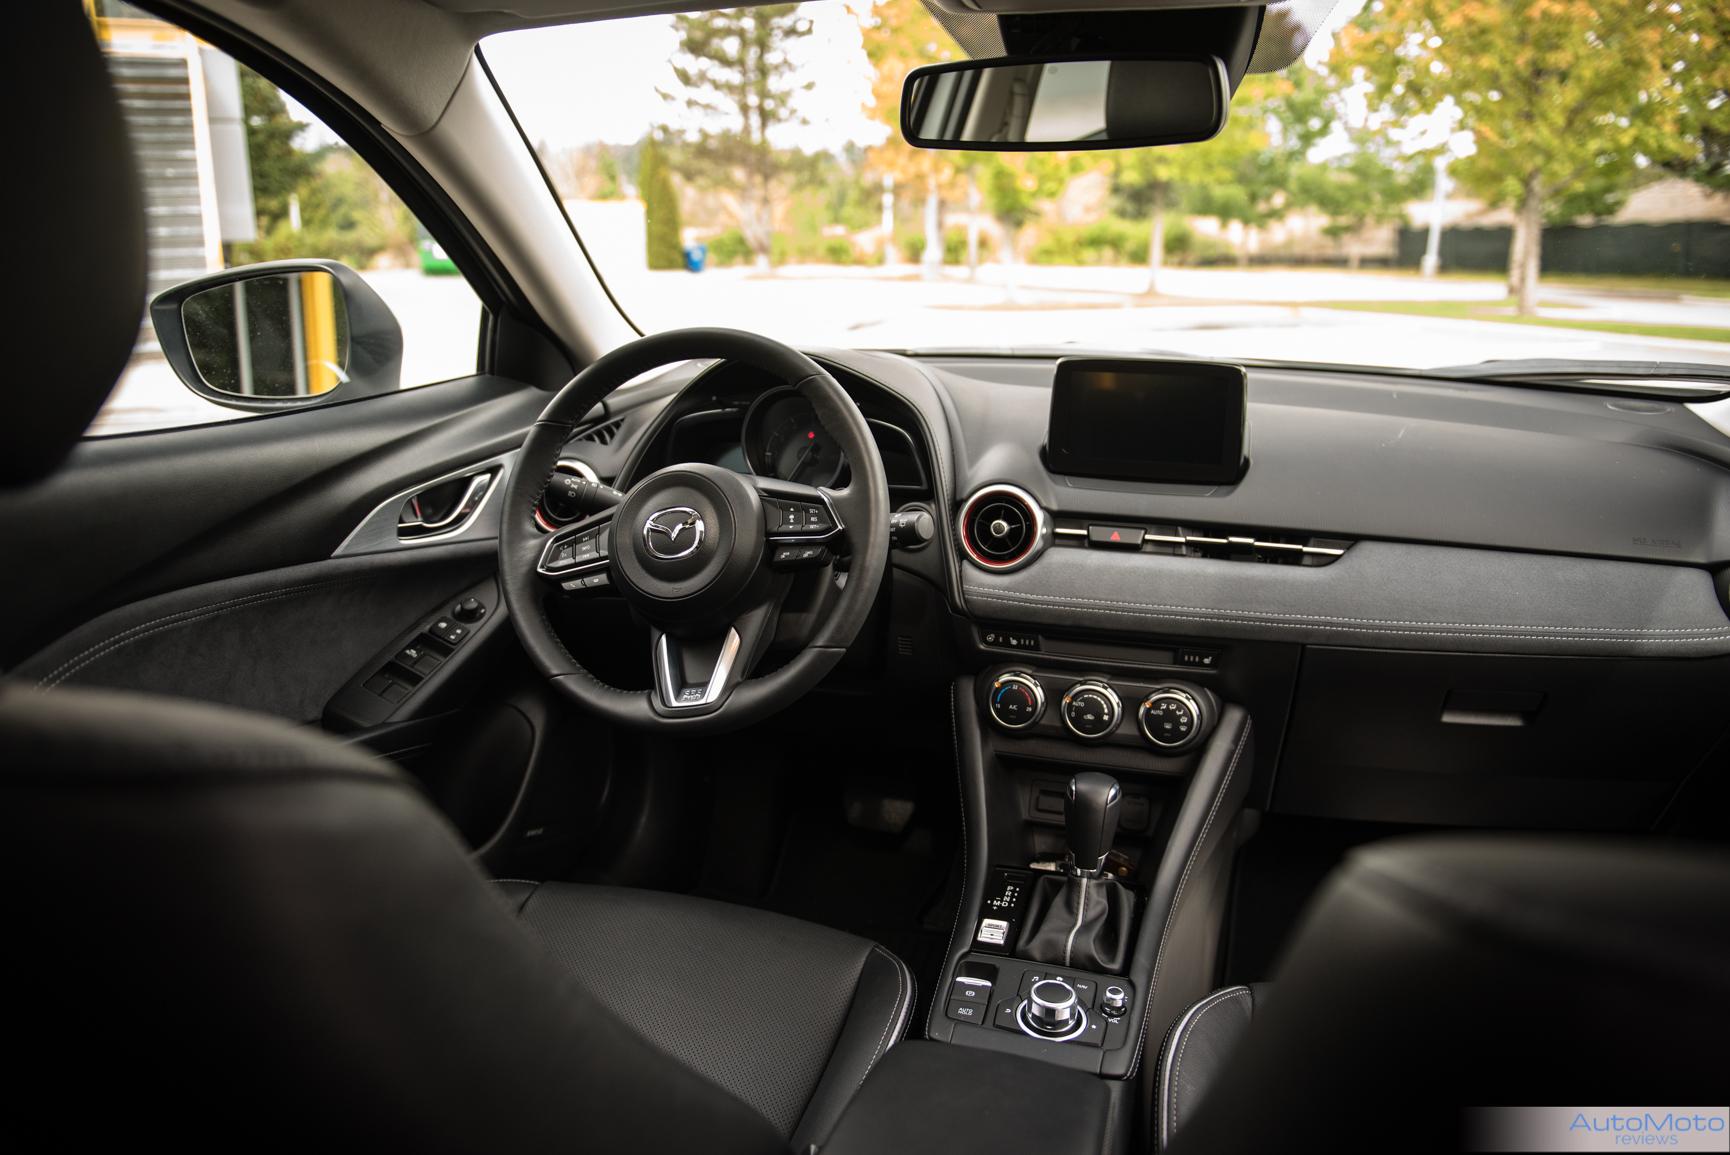 2019 Mazda Cx-3-5